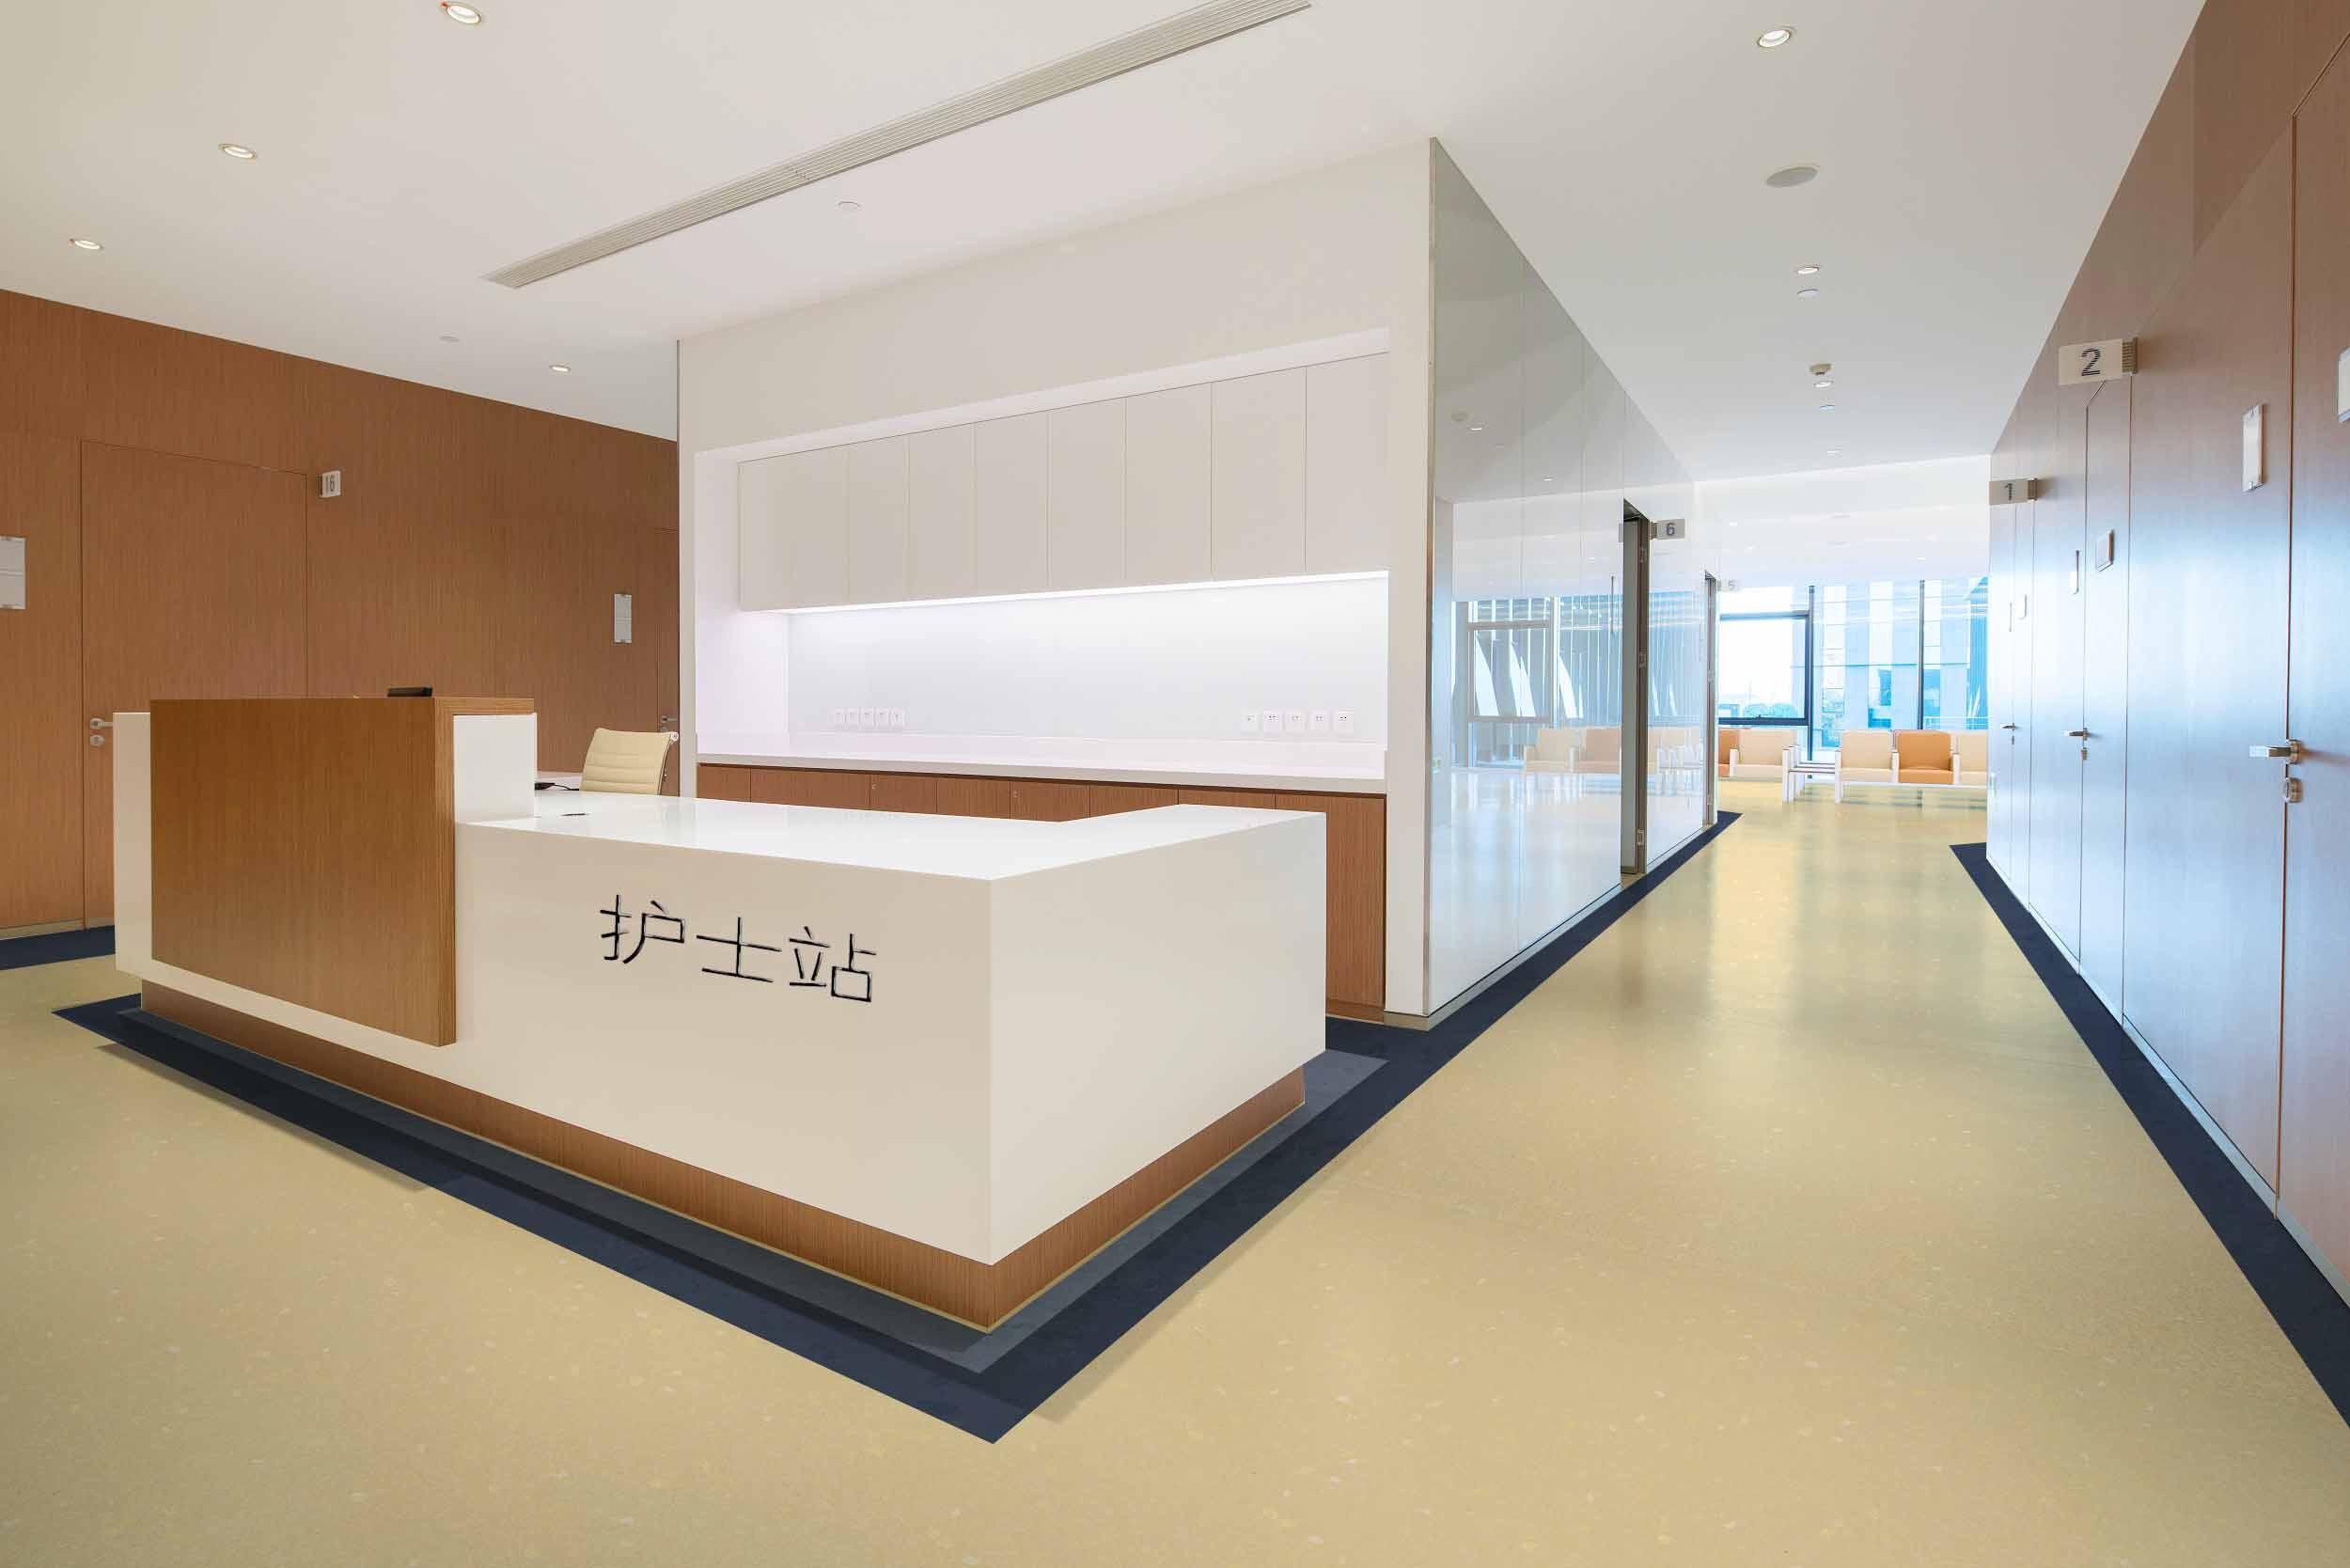 贵阳橡胶地板安装_PVC橡胶地板相关-成都禾顺科技有限公司